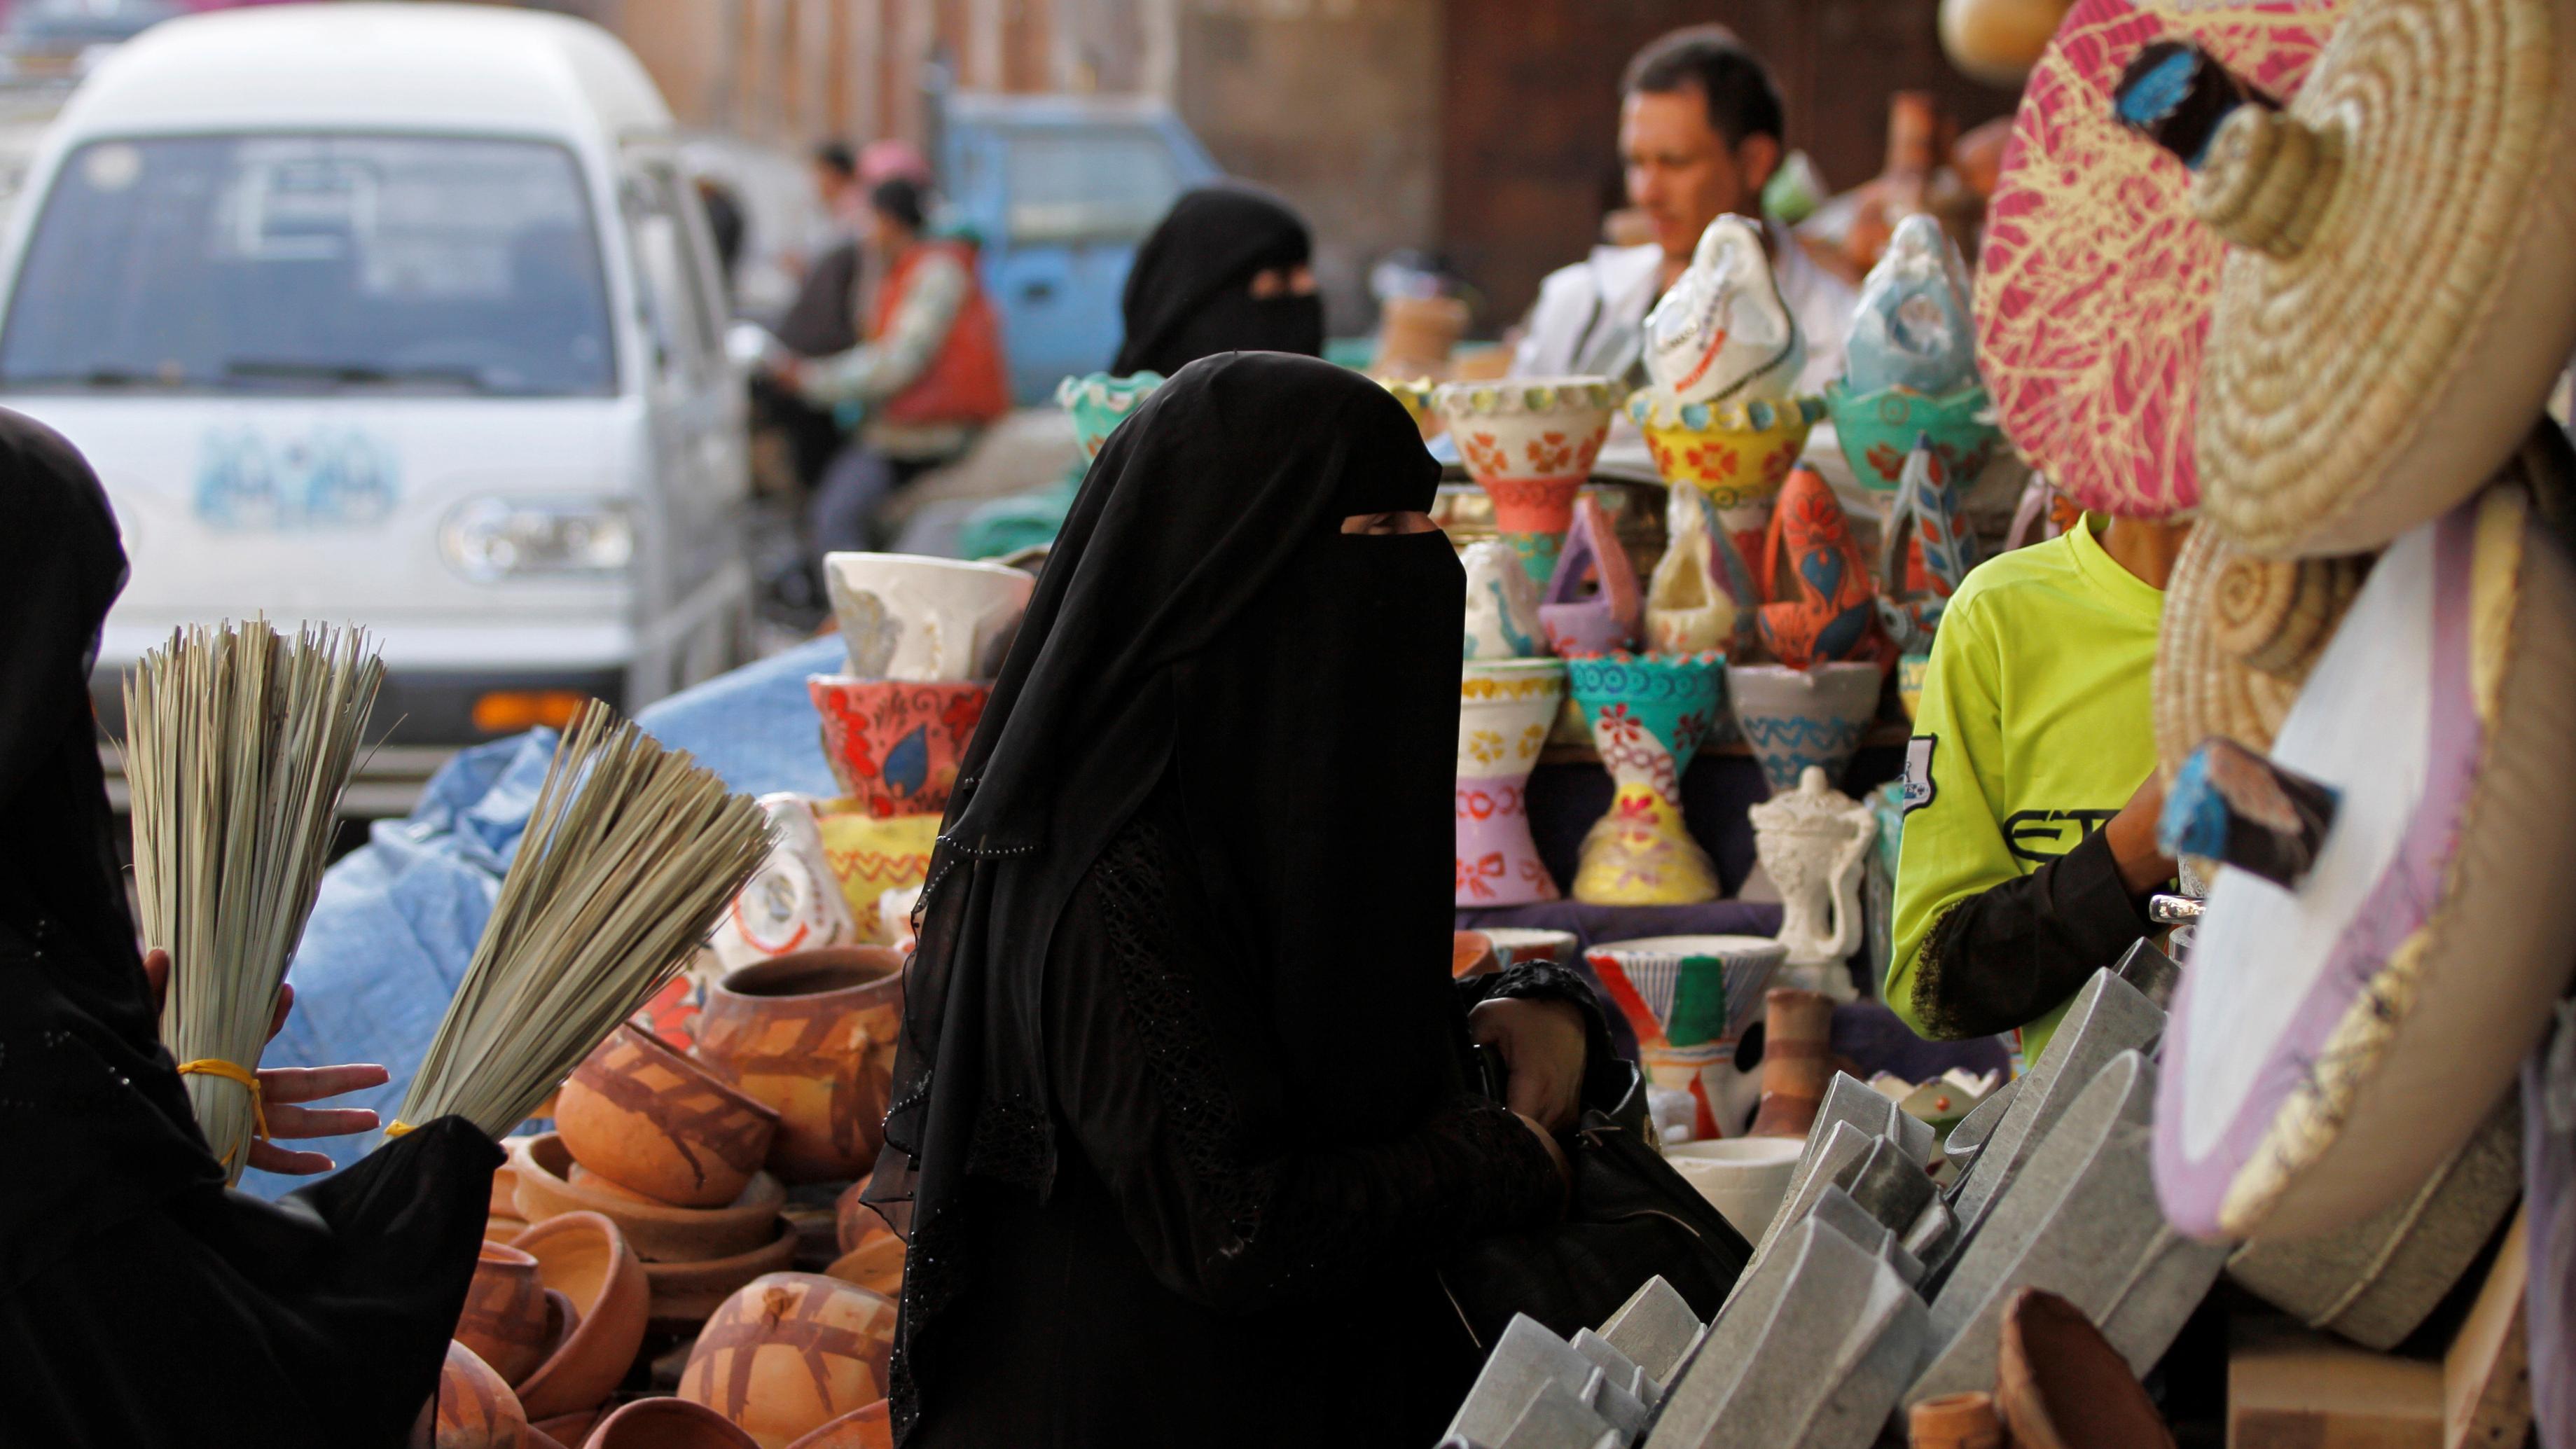 Women in black hijab shop at market in Sanaa, Yemen